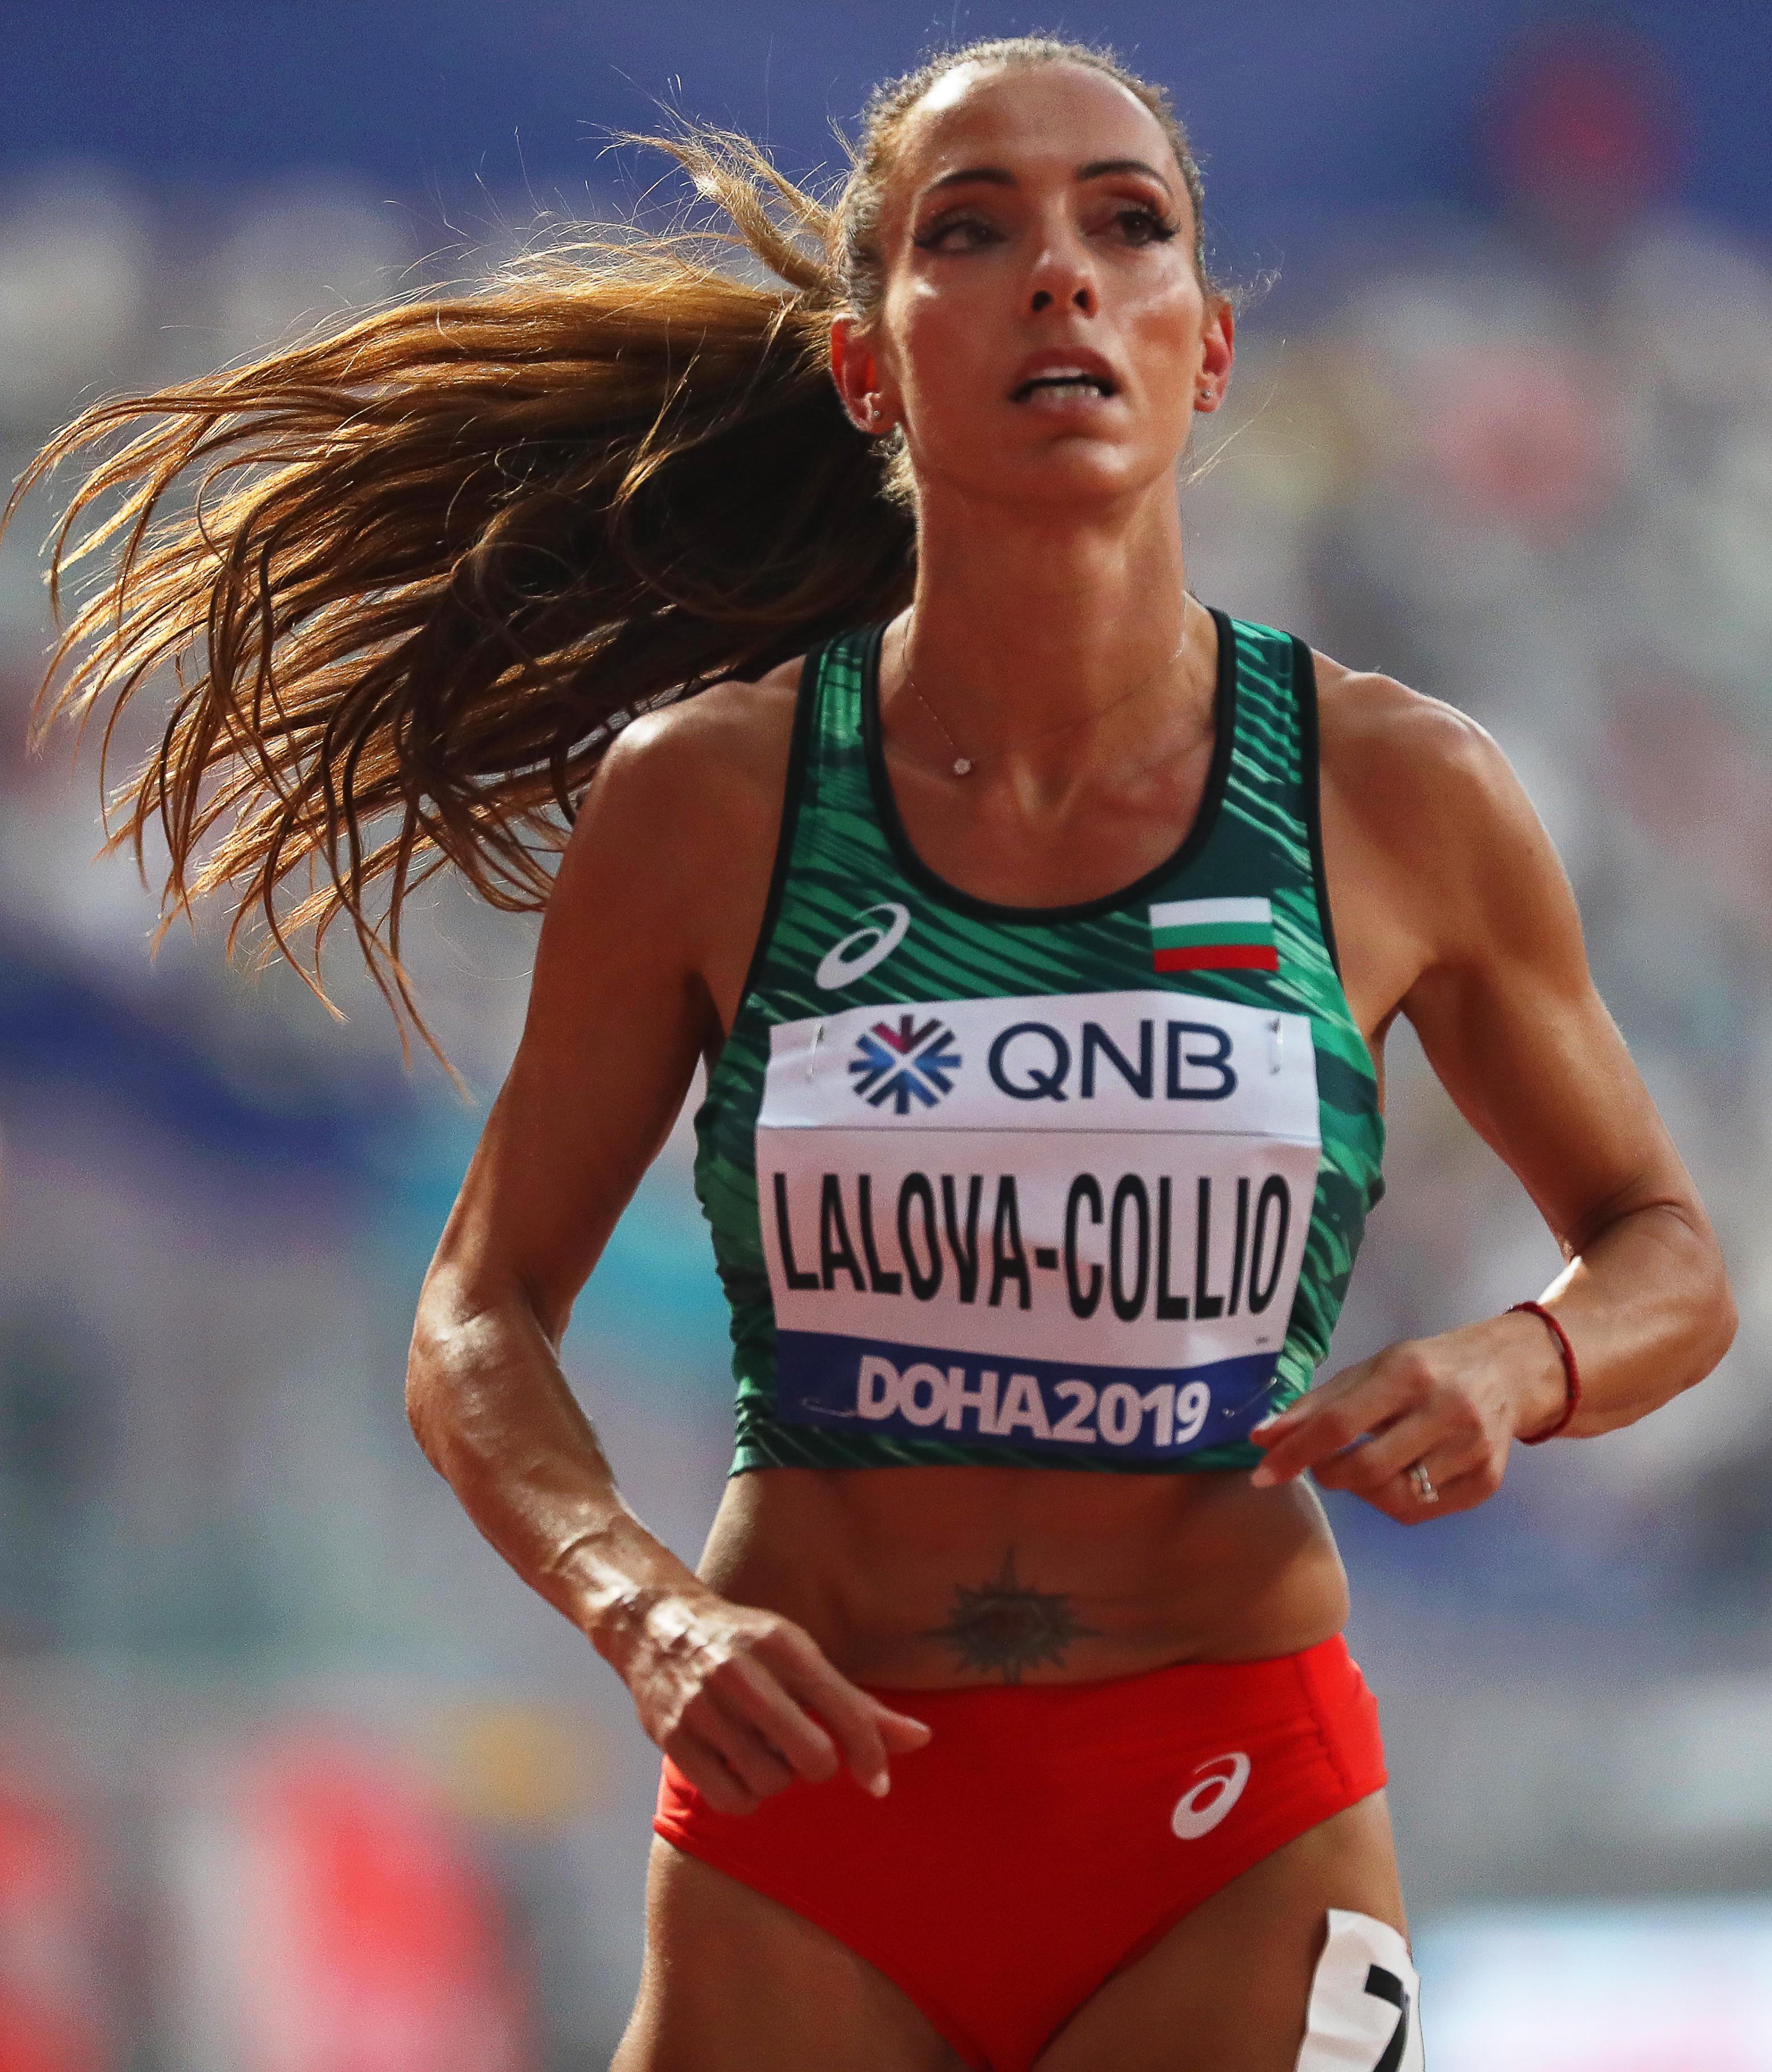 Ивет Лалова се класира за финала на 200 метра при жените на Световното първенство по лека атлетика в катарската столица Доха.